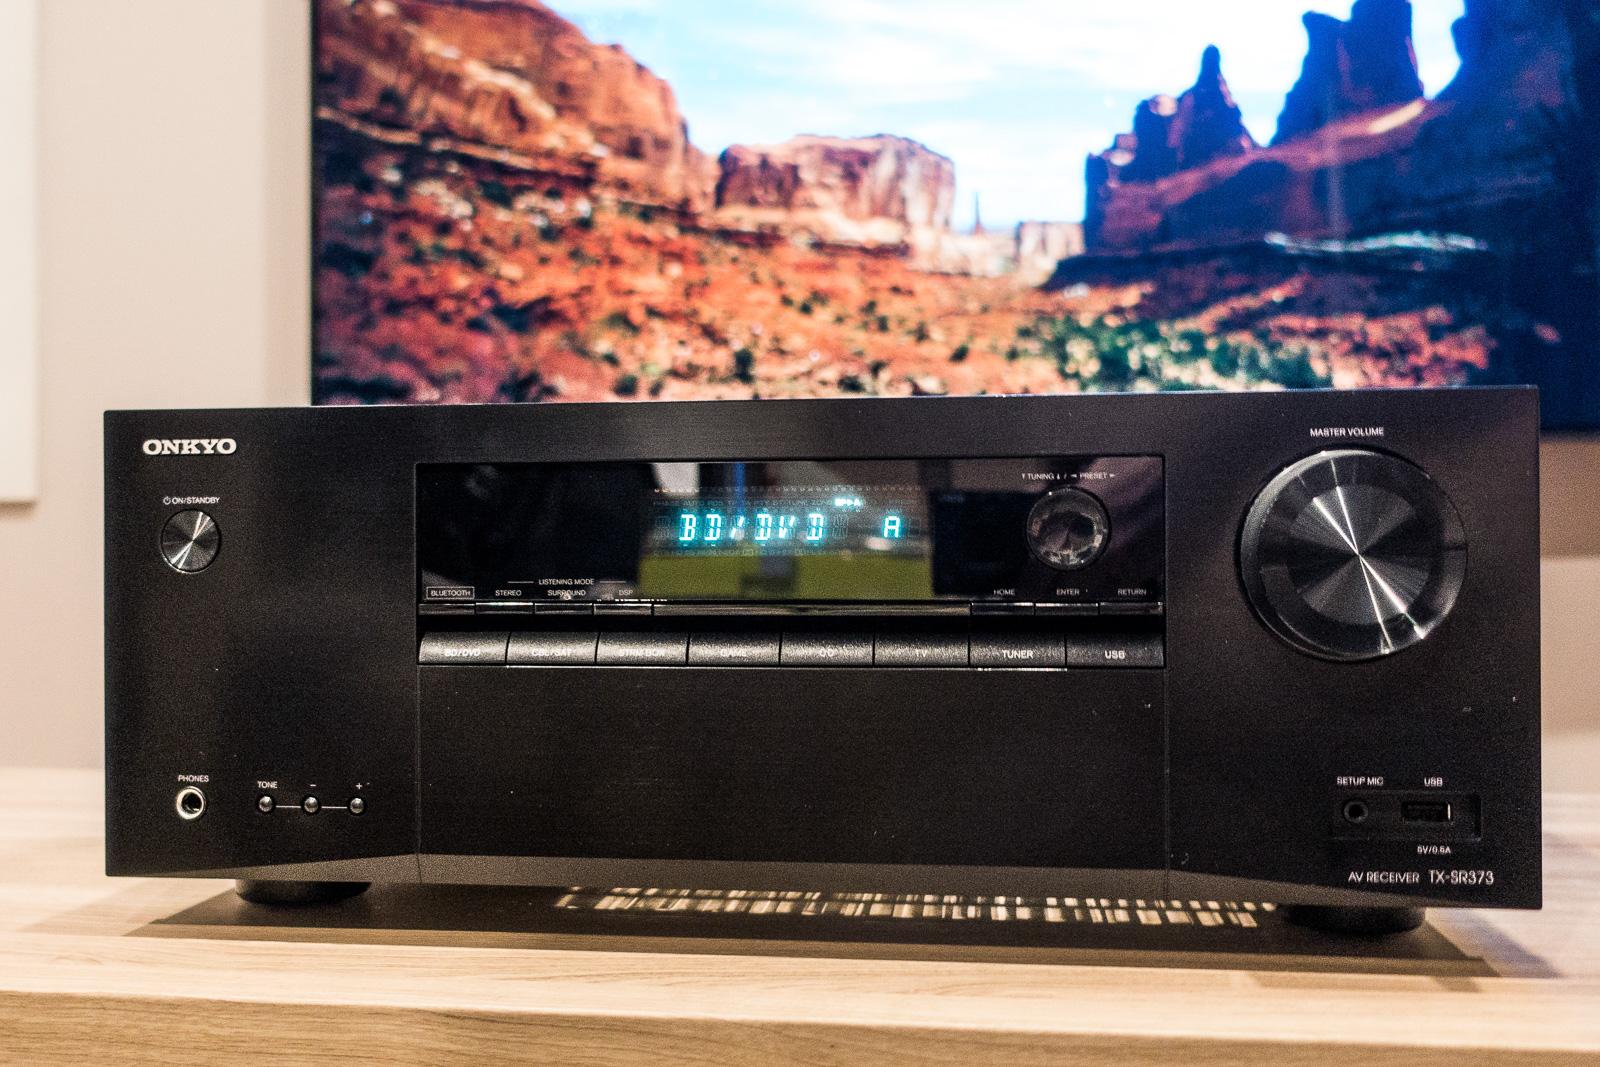 The Best Av Receiver Abx Double Blind Audio Tester Budget Pick Onkyo Tx Sr373